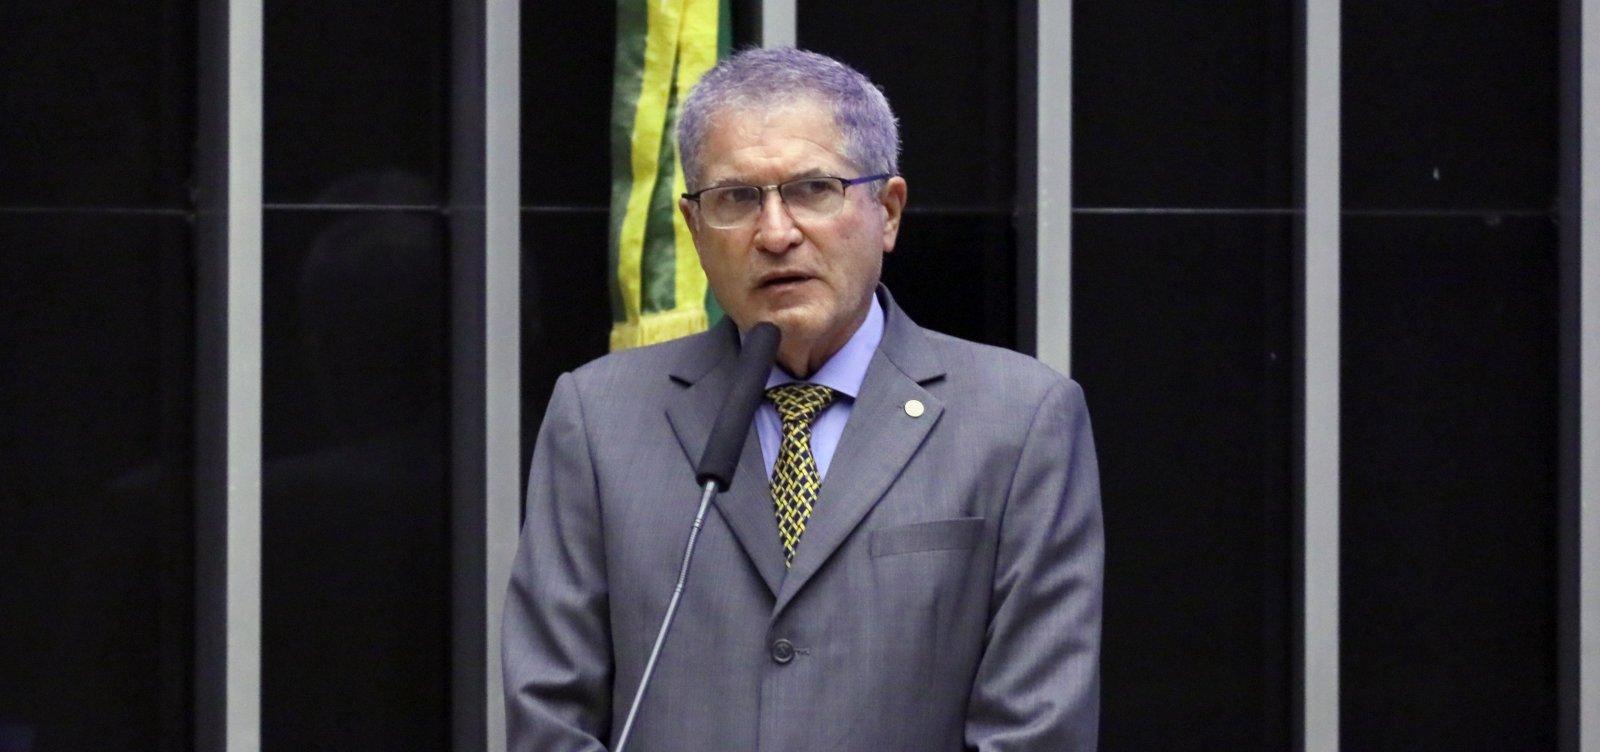 Zé Rocha deixa vice-liderança do governo Bolsonaro na Câmara dos Deputados